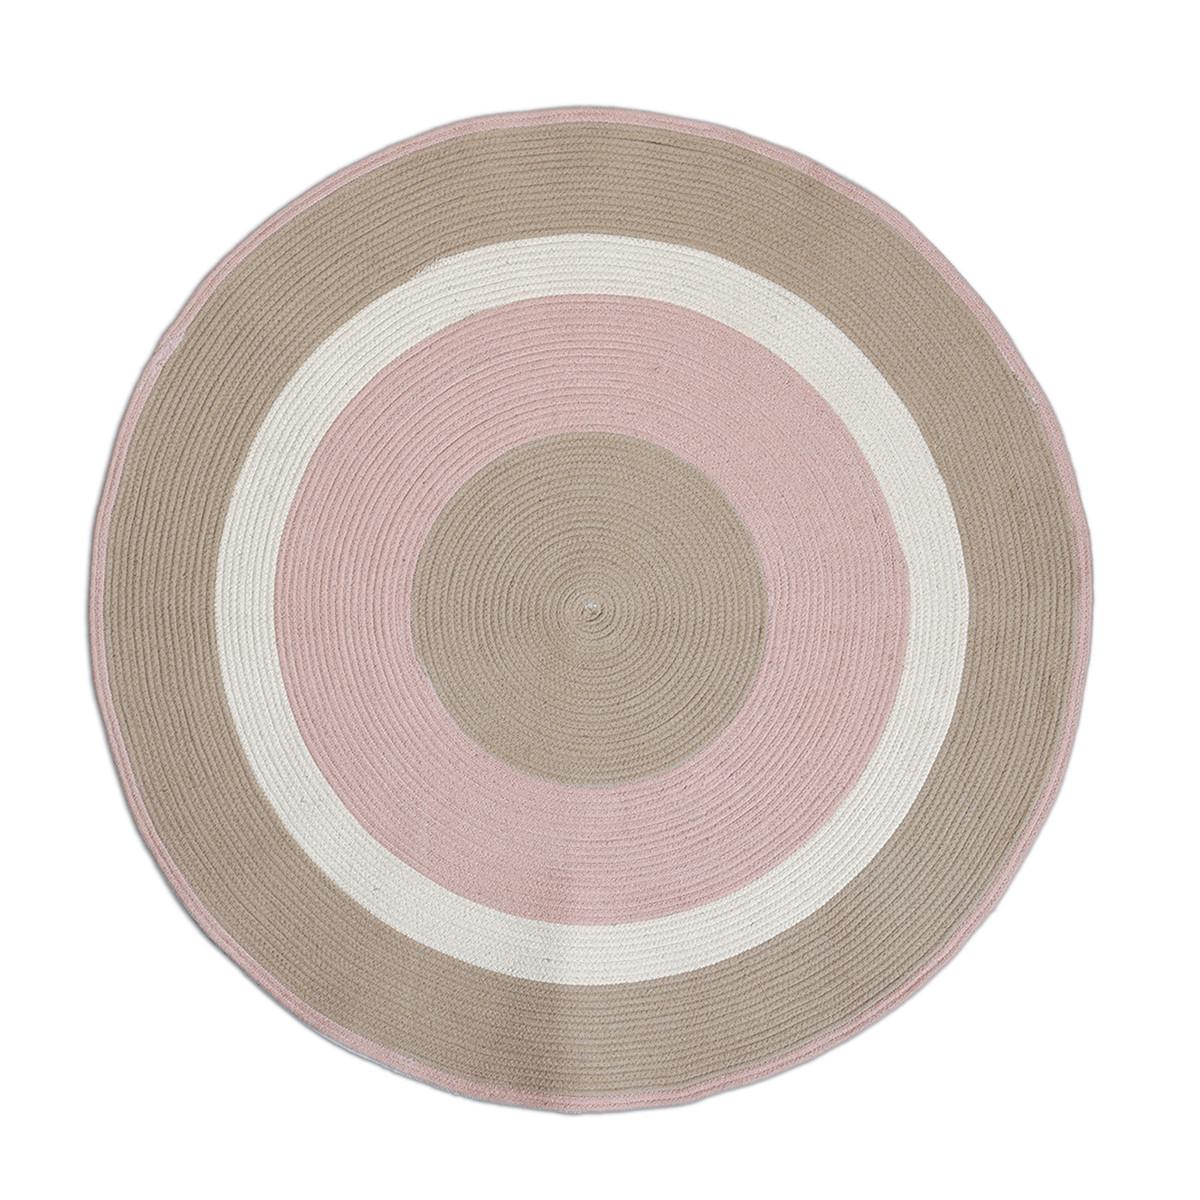 Στρογγυλό Χαλί (Φ120) Nef-Nef Vintage Collection Beige/Pink